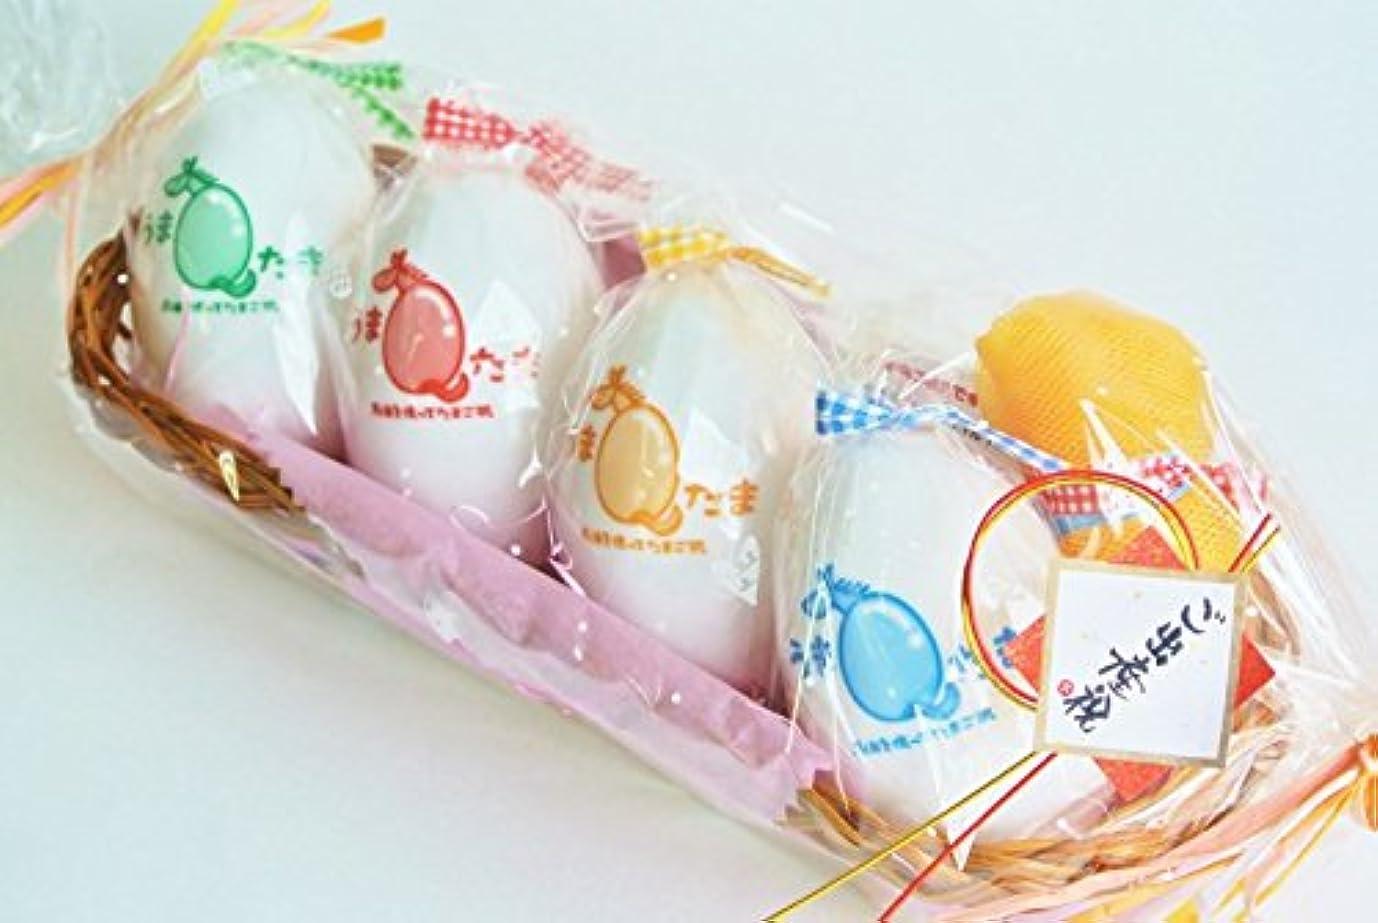 時期尚早柔らかさ流出Umatama(ウマタマ) 馬油石鹸うまたま 4種類の詰め合わせギフトセット!出産祝い?内祝い?結婚祝い?誕生日祝いにおススメです!